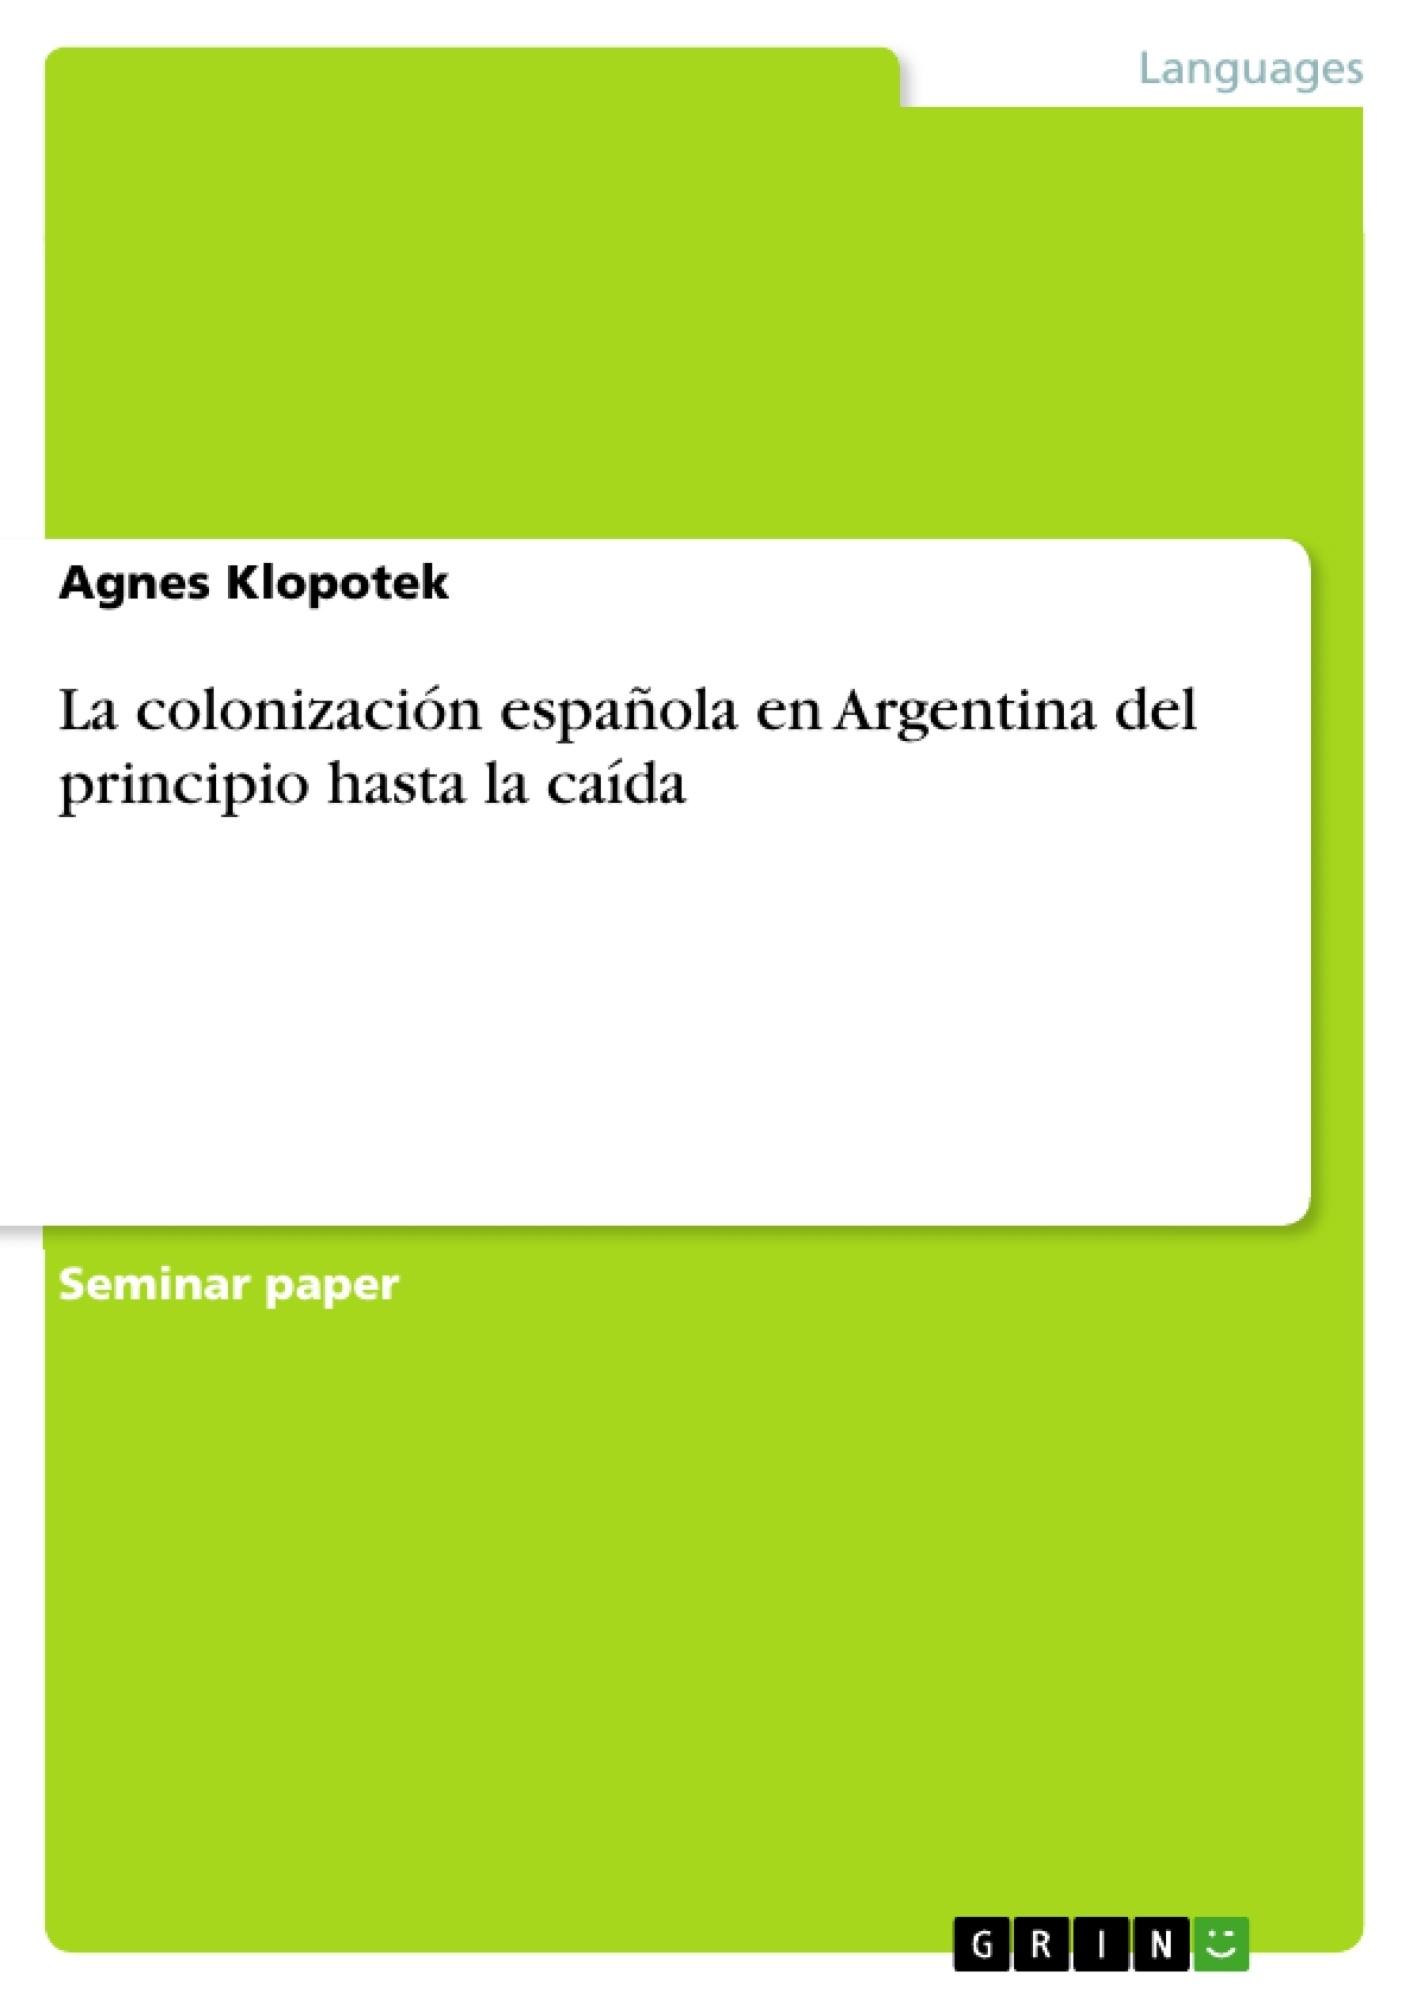 Título: La colonización española en Argentina del principio hasta la caída